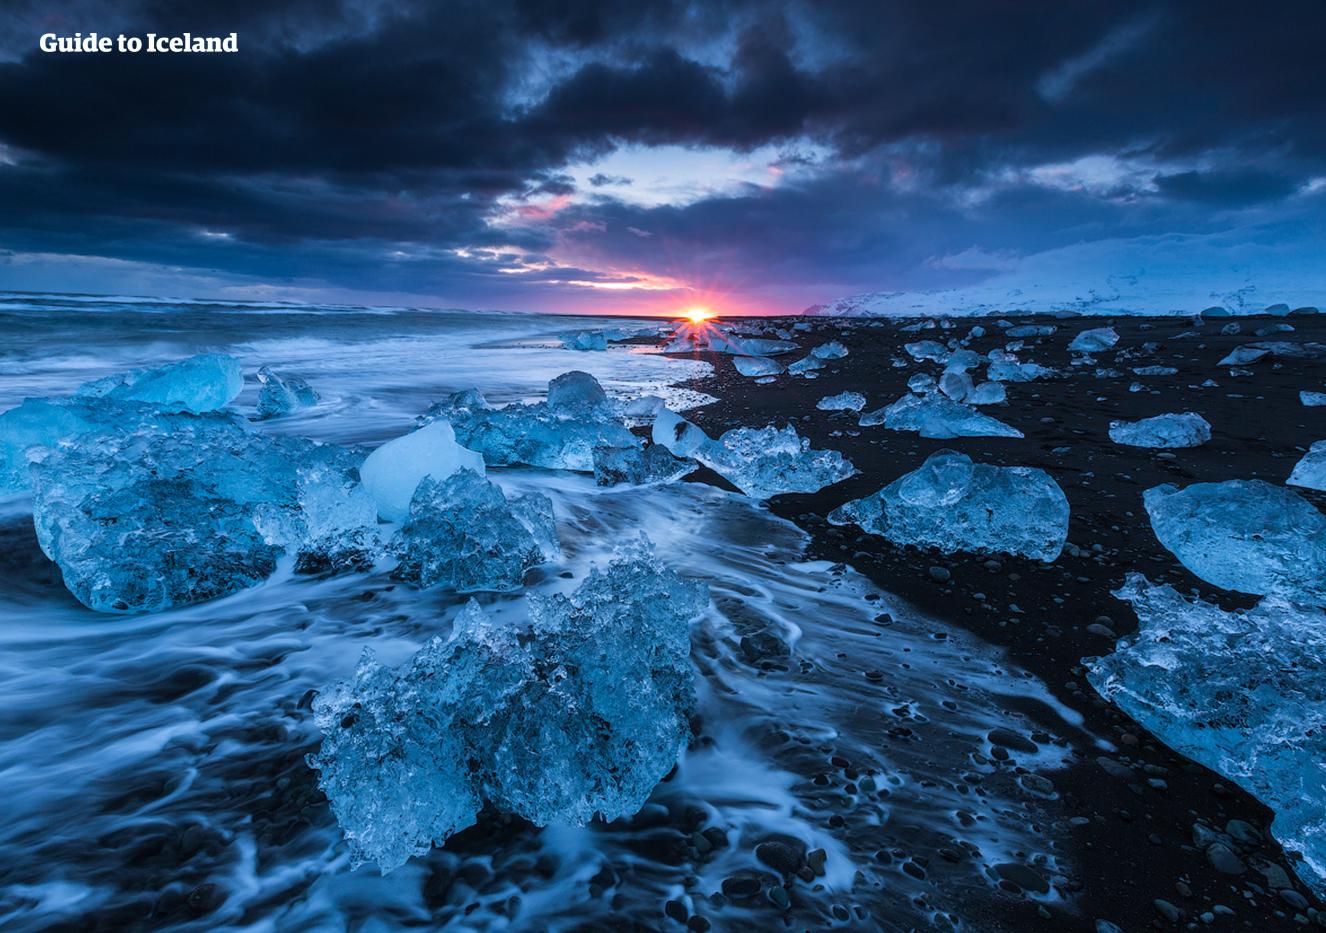 夜晚的钻石冰沙滩,晶莹的冰块泛着磷光,景色如梦似幻